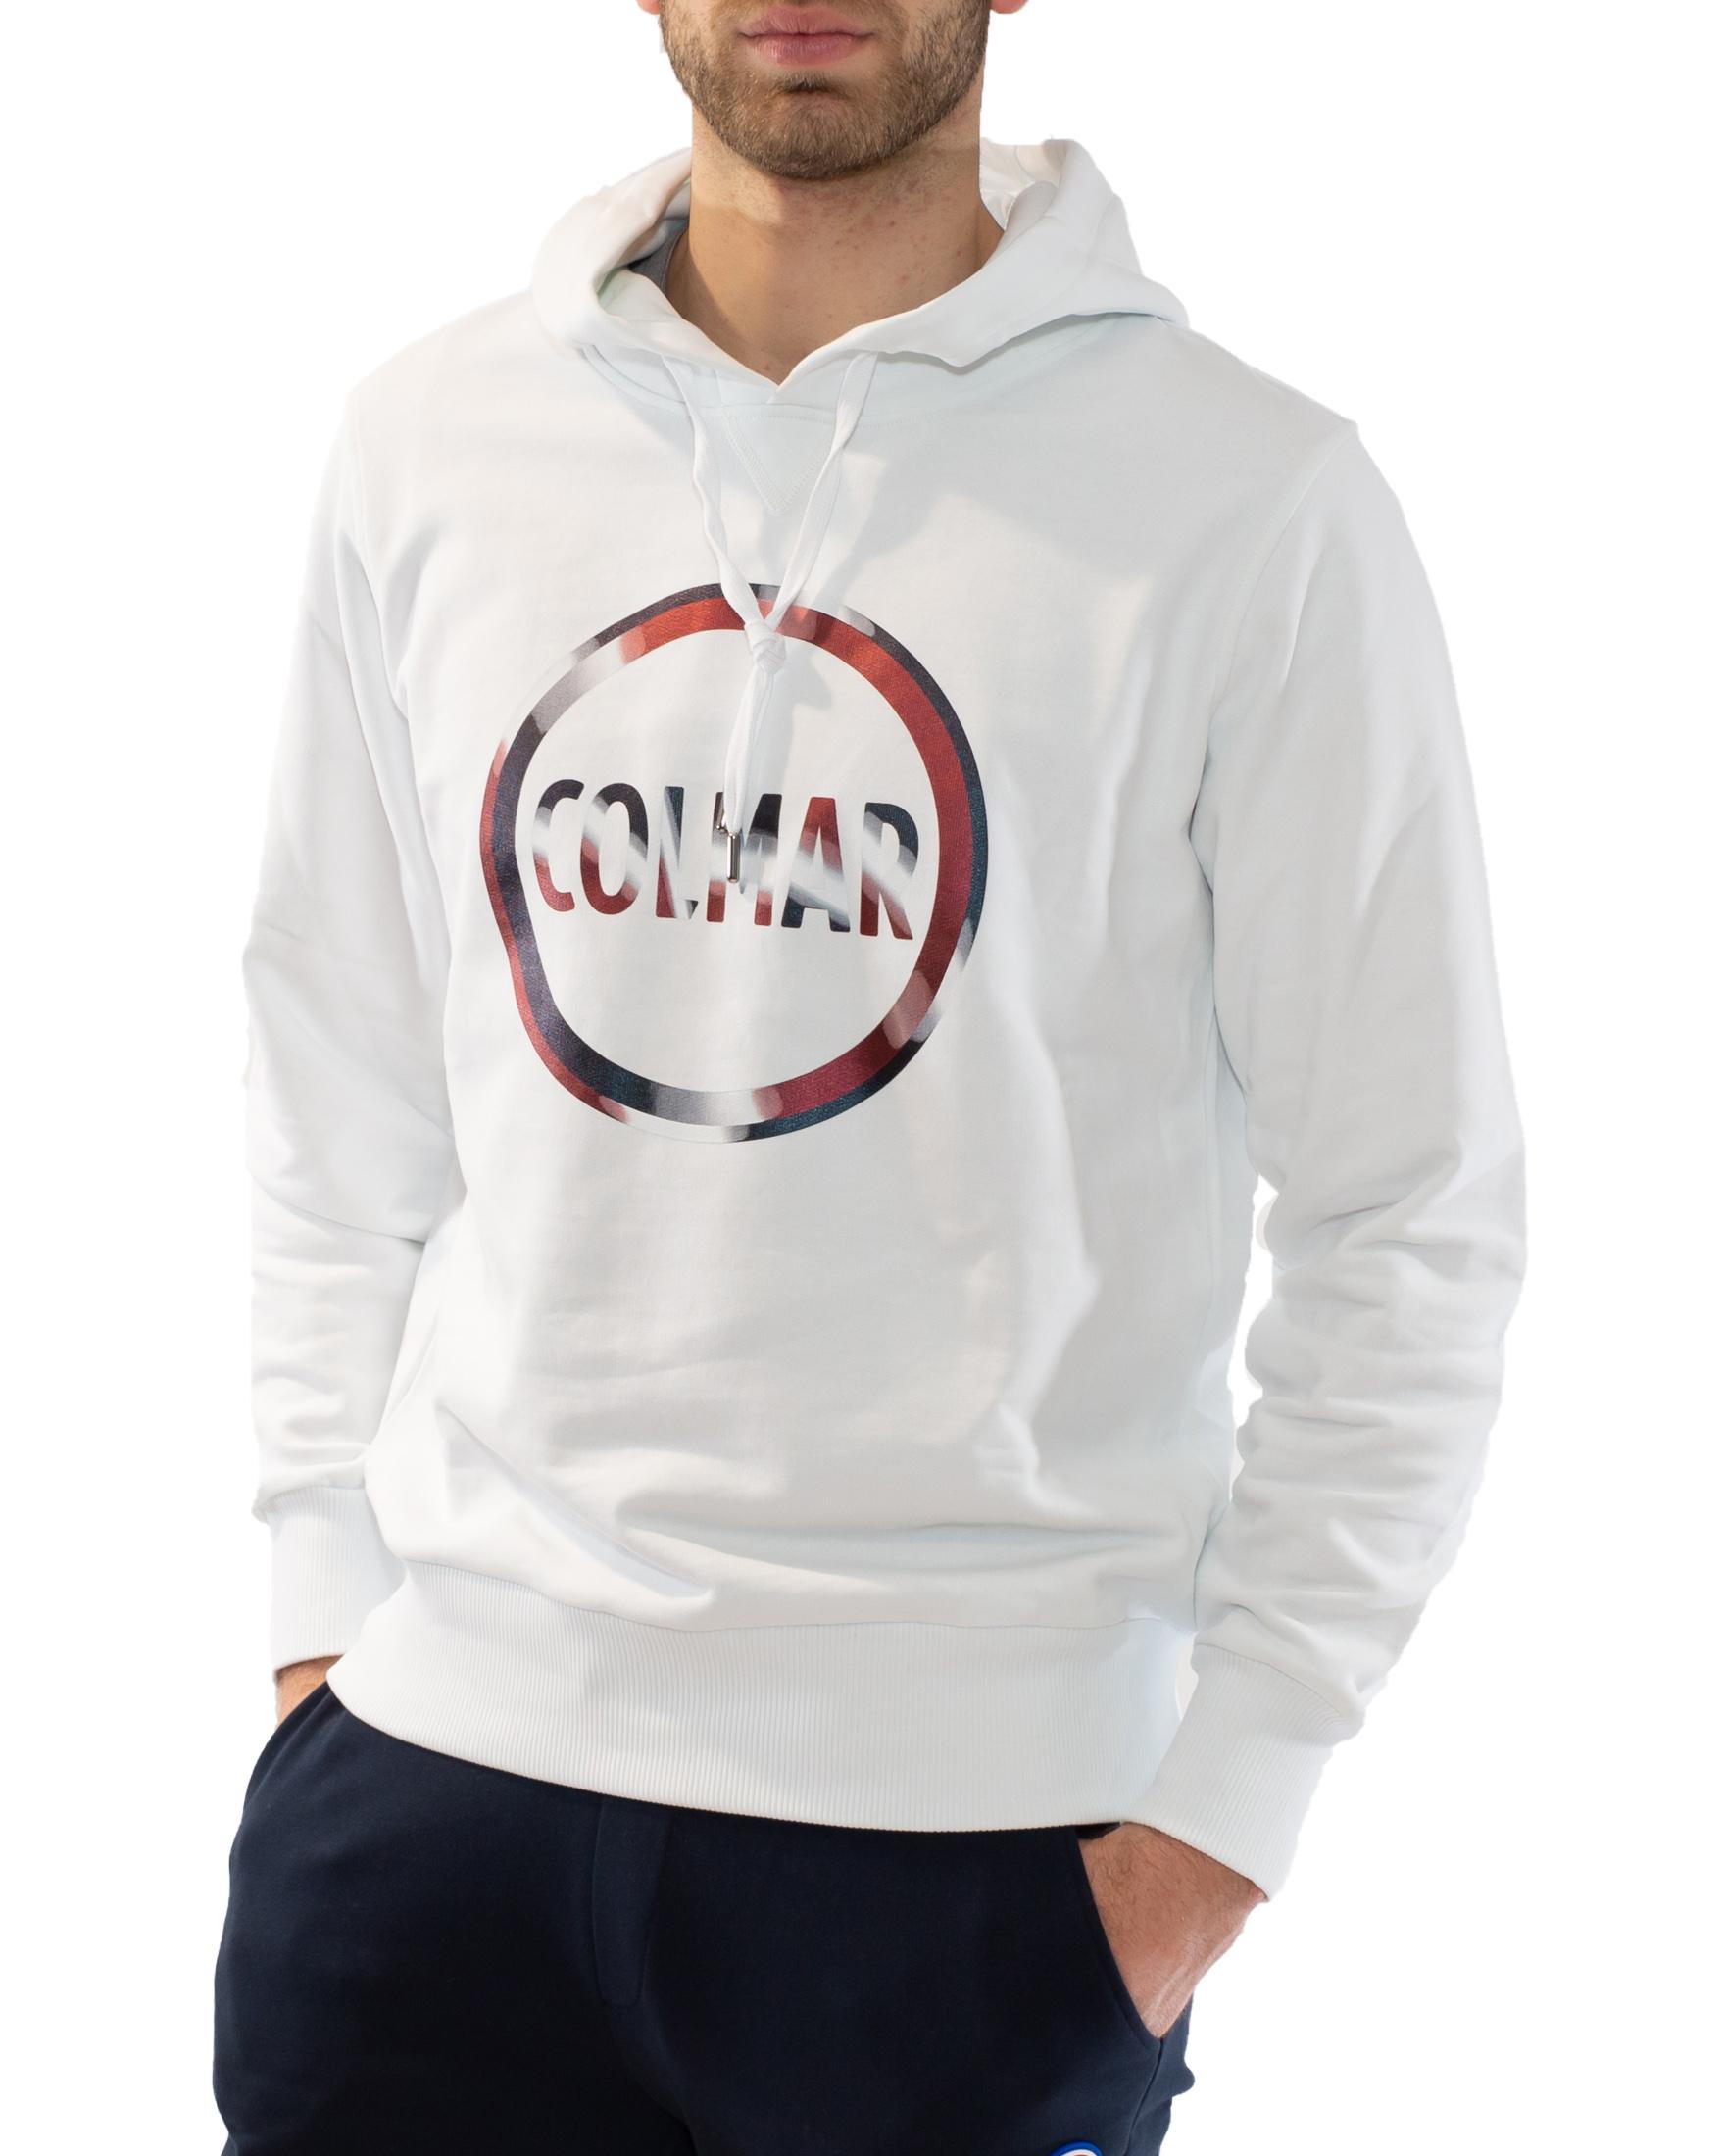 COLMAR ORIGINALS FELPA